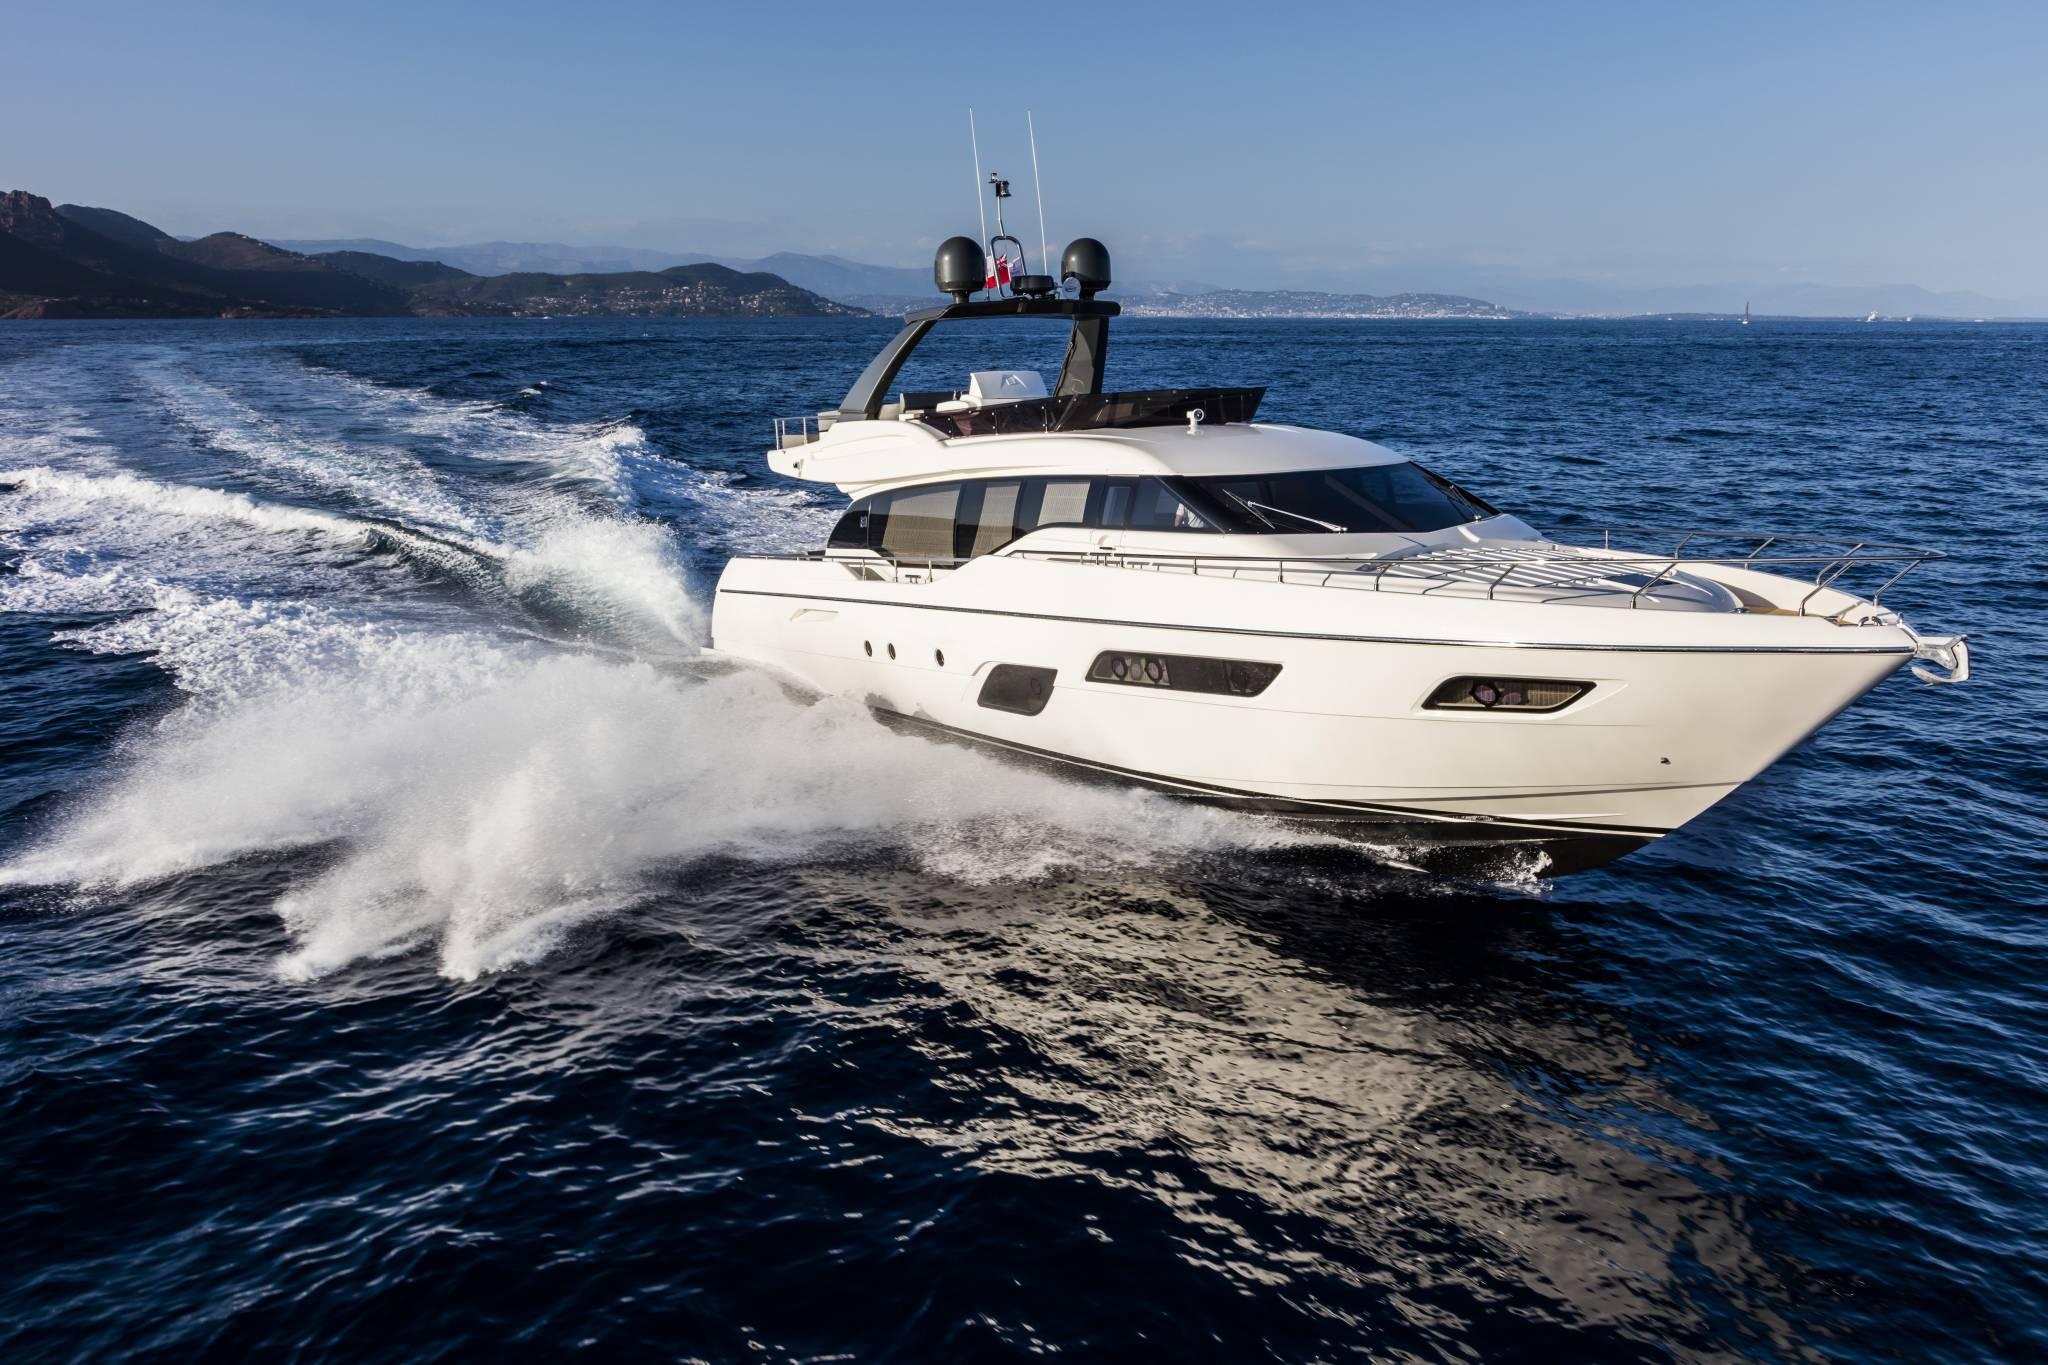 Ferretti 700 Ita Yachts Canada Ita Yachts Canada